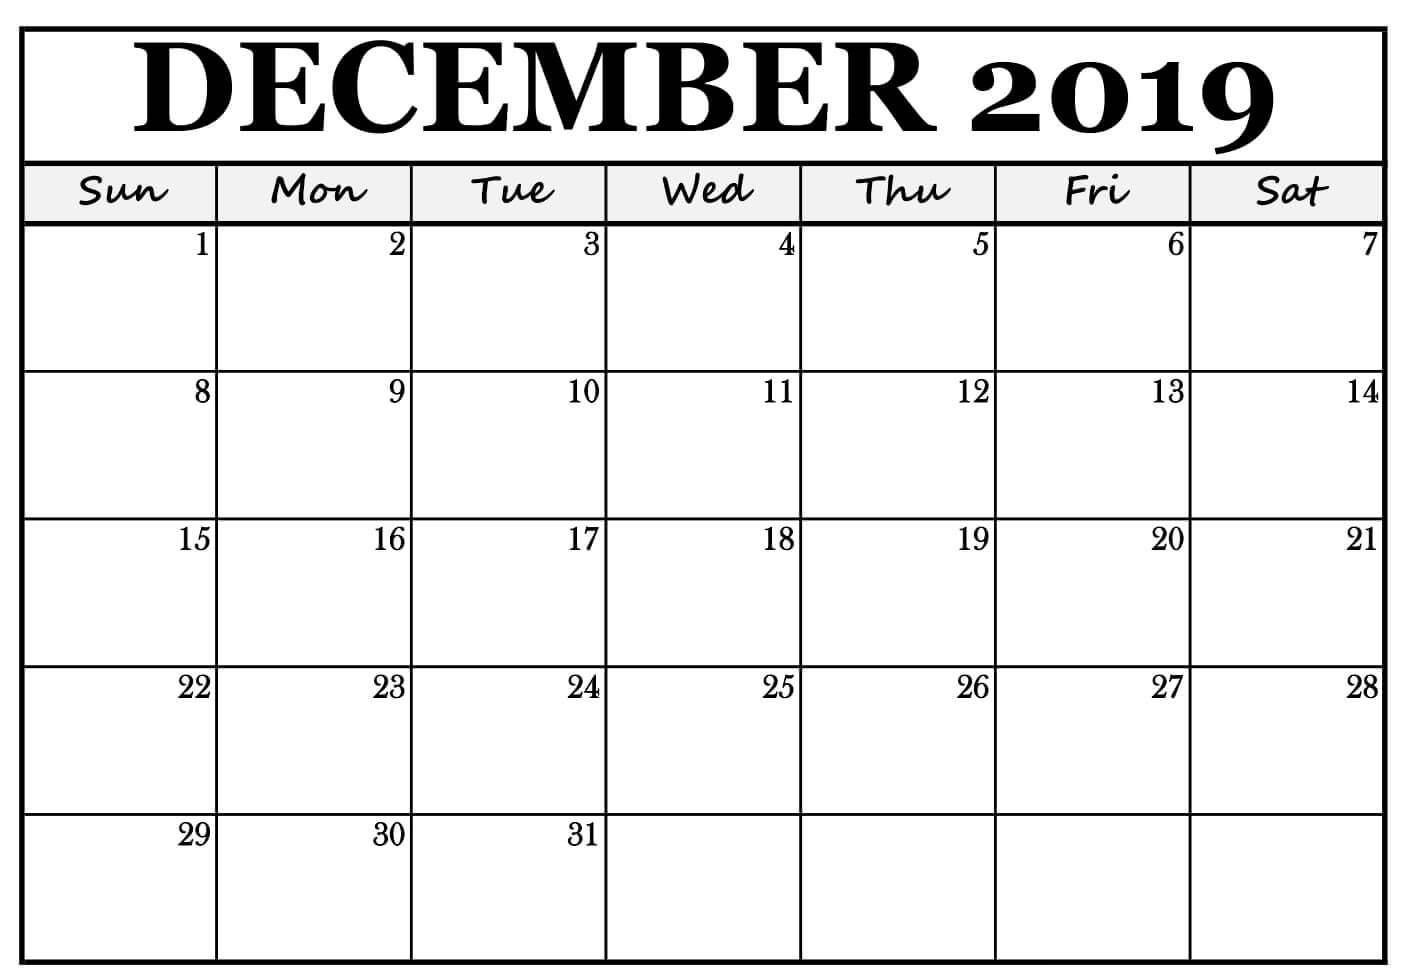 December 2019 Calendar Free Template